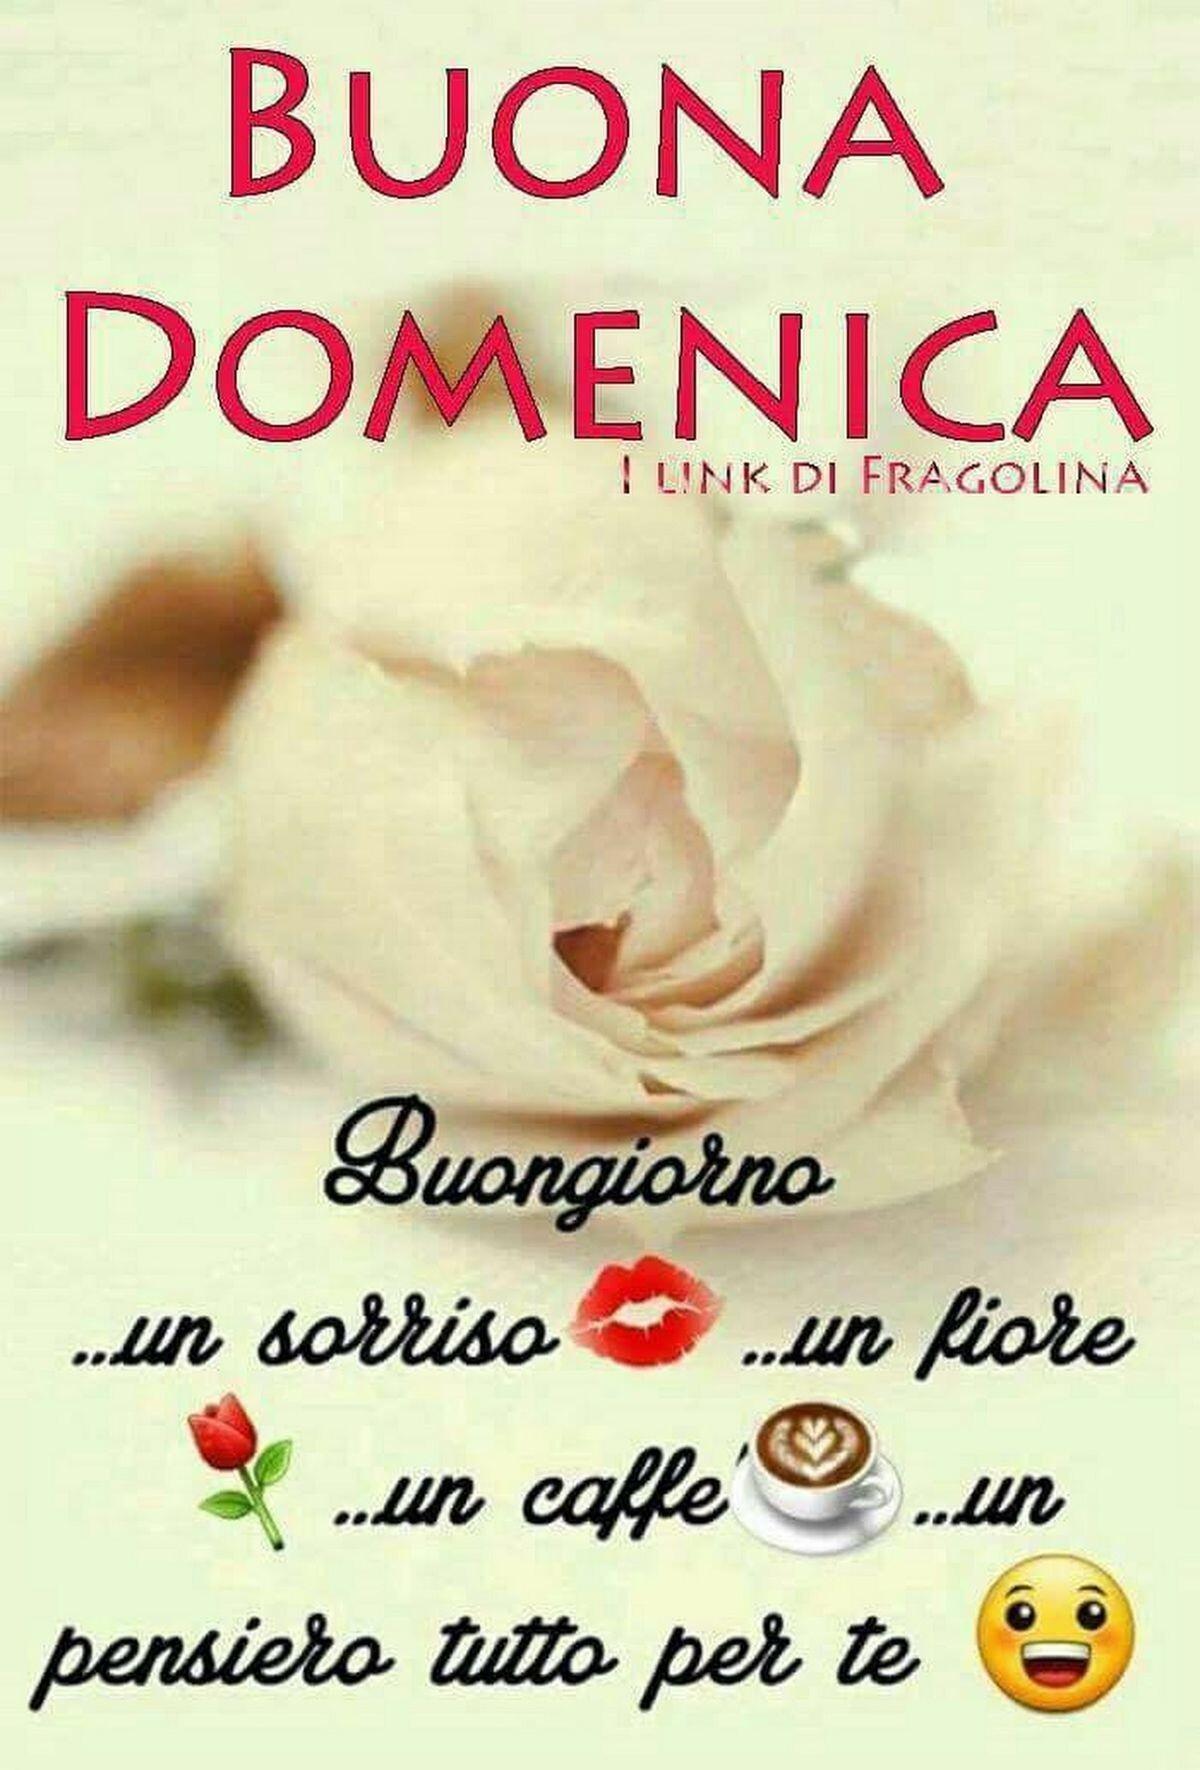 Buona Domenica Buongiorno... un sorriso... un fiore... un caffè... un pensiero tutto per te!